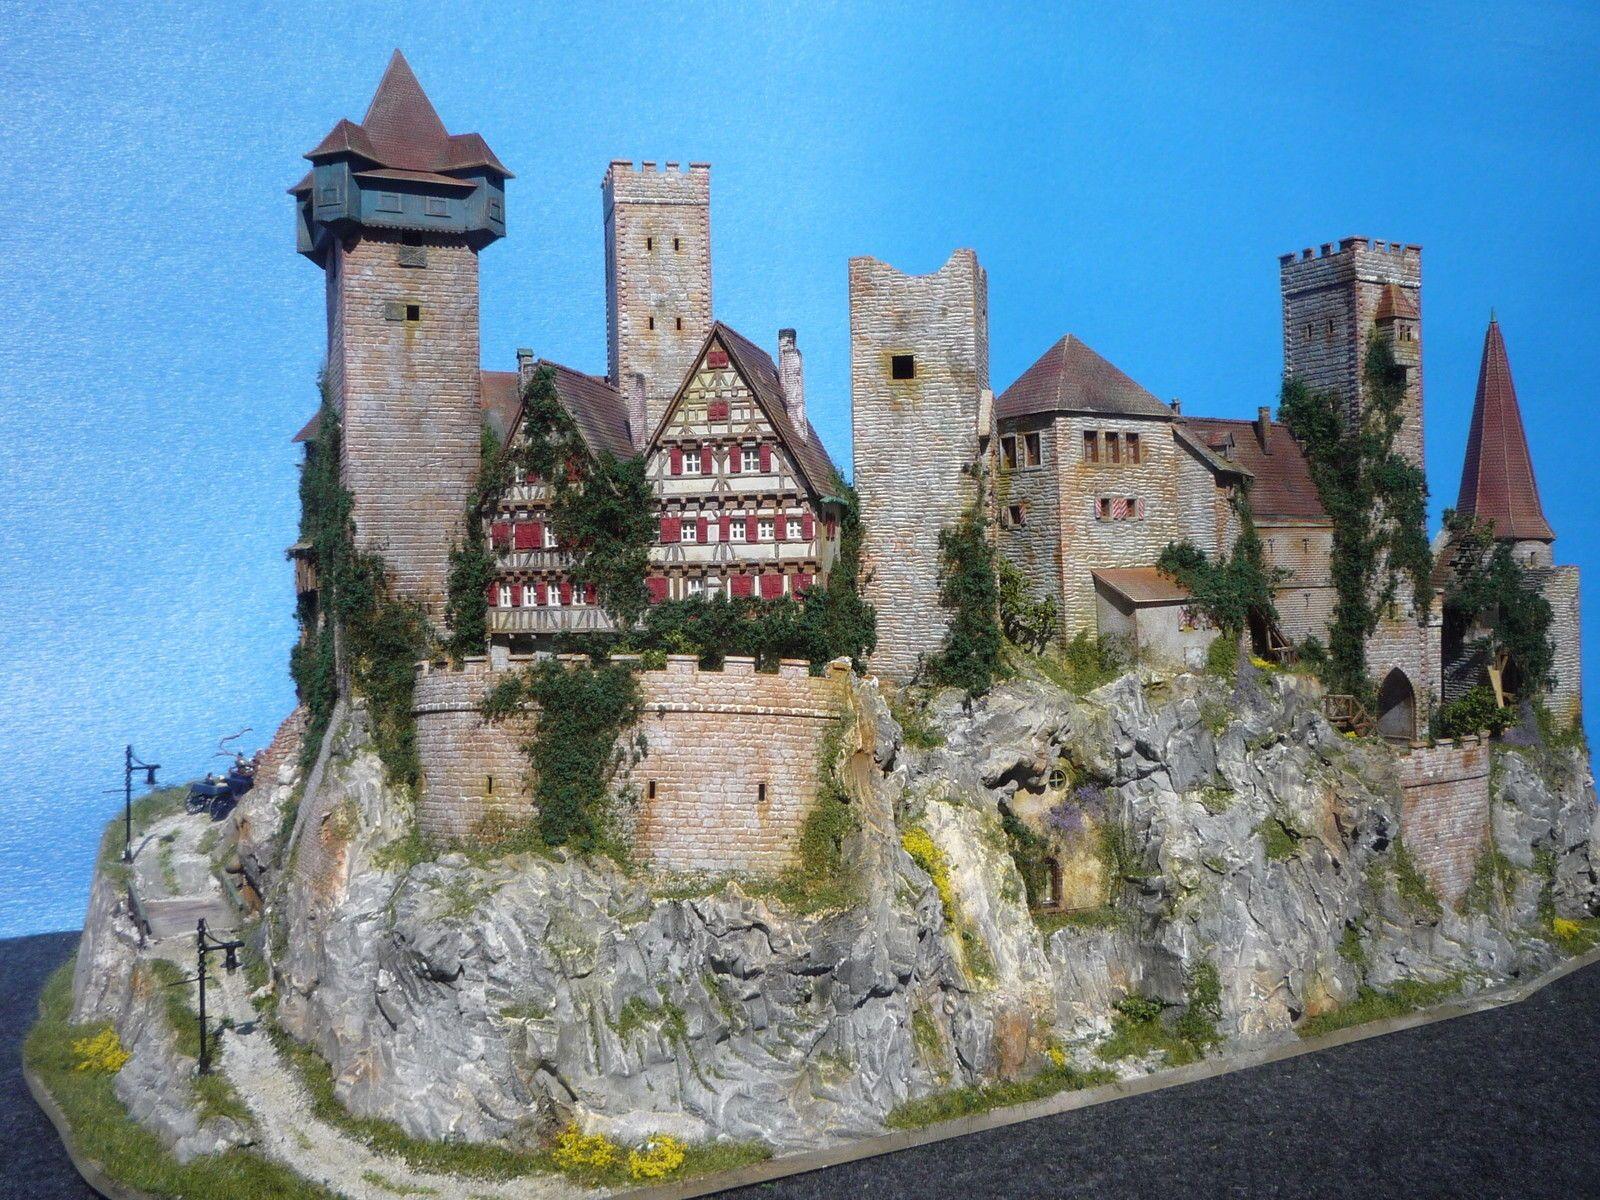 Diorama Castle Burg Schloss Elbenwald Patiniert Beleuchtung Kutsche Ebay Ca Ins 1 Diorama Dioramen Burgen Und Schlosser